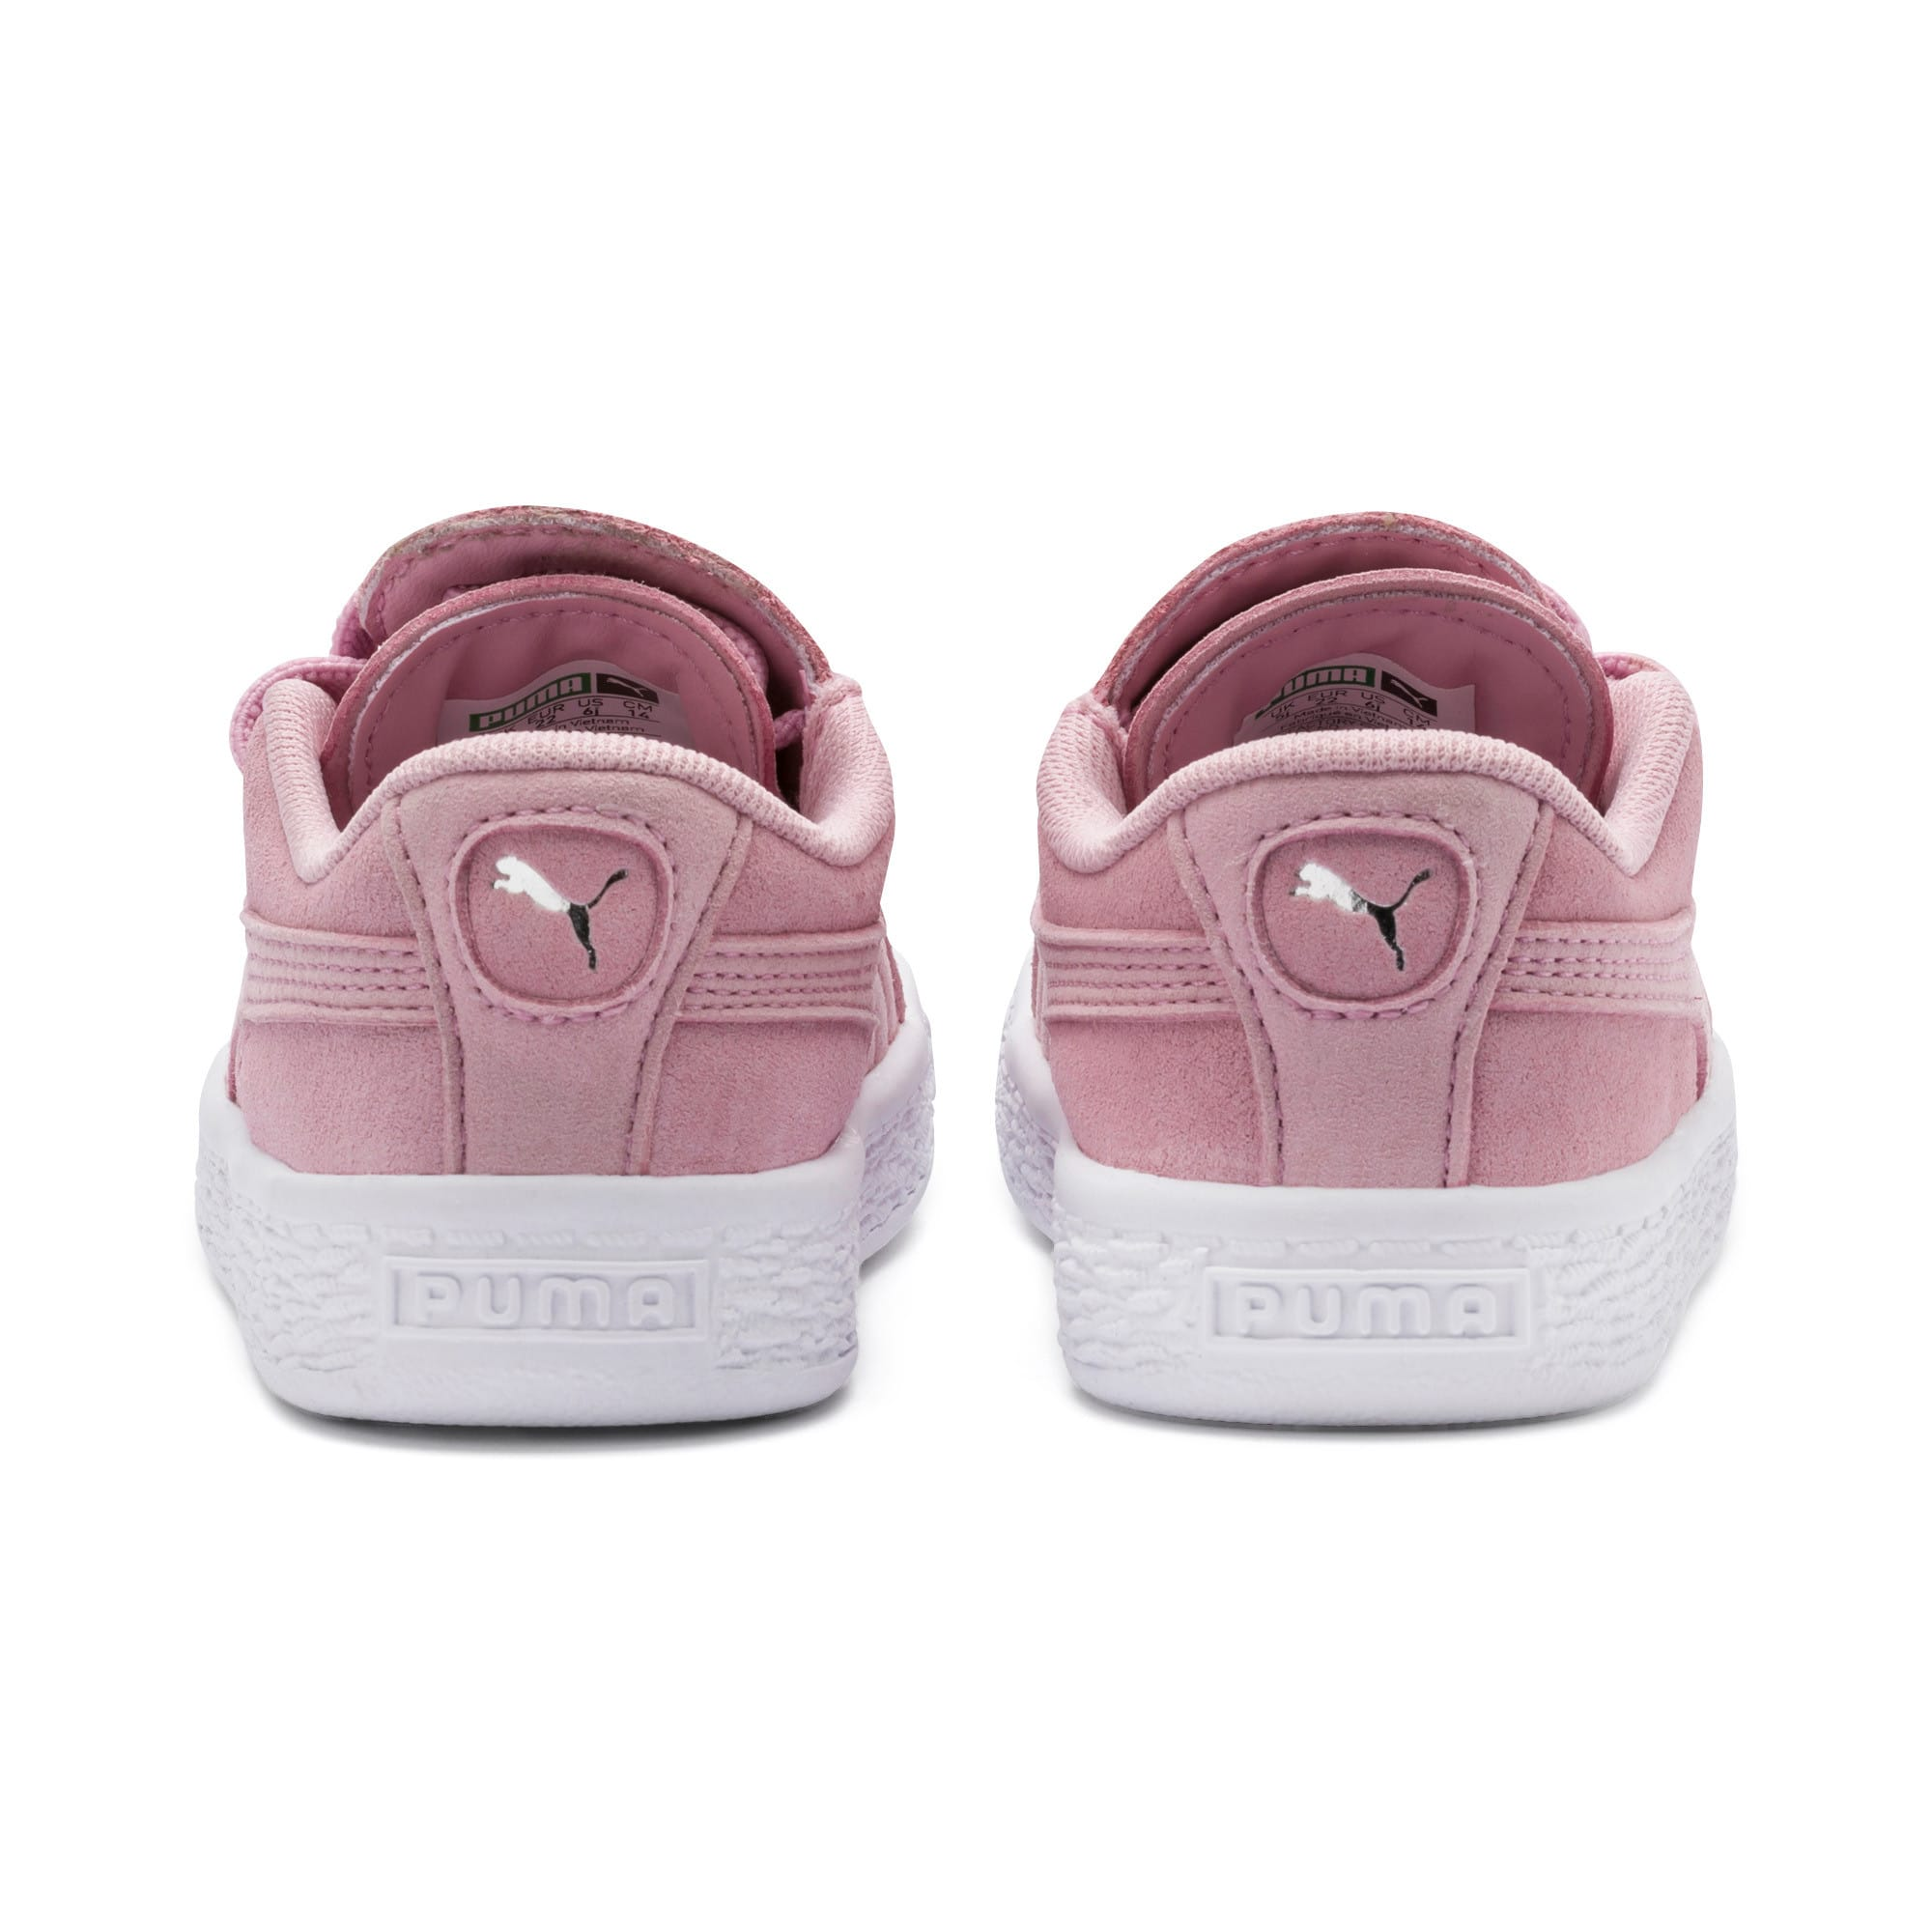 Miniatura 3 de Zapatos Suede Crush AC para niños pequeños, Pale Pink-Puma Silver, mediano